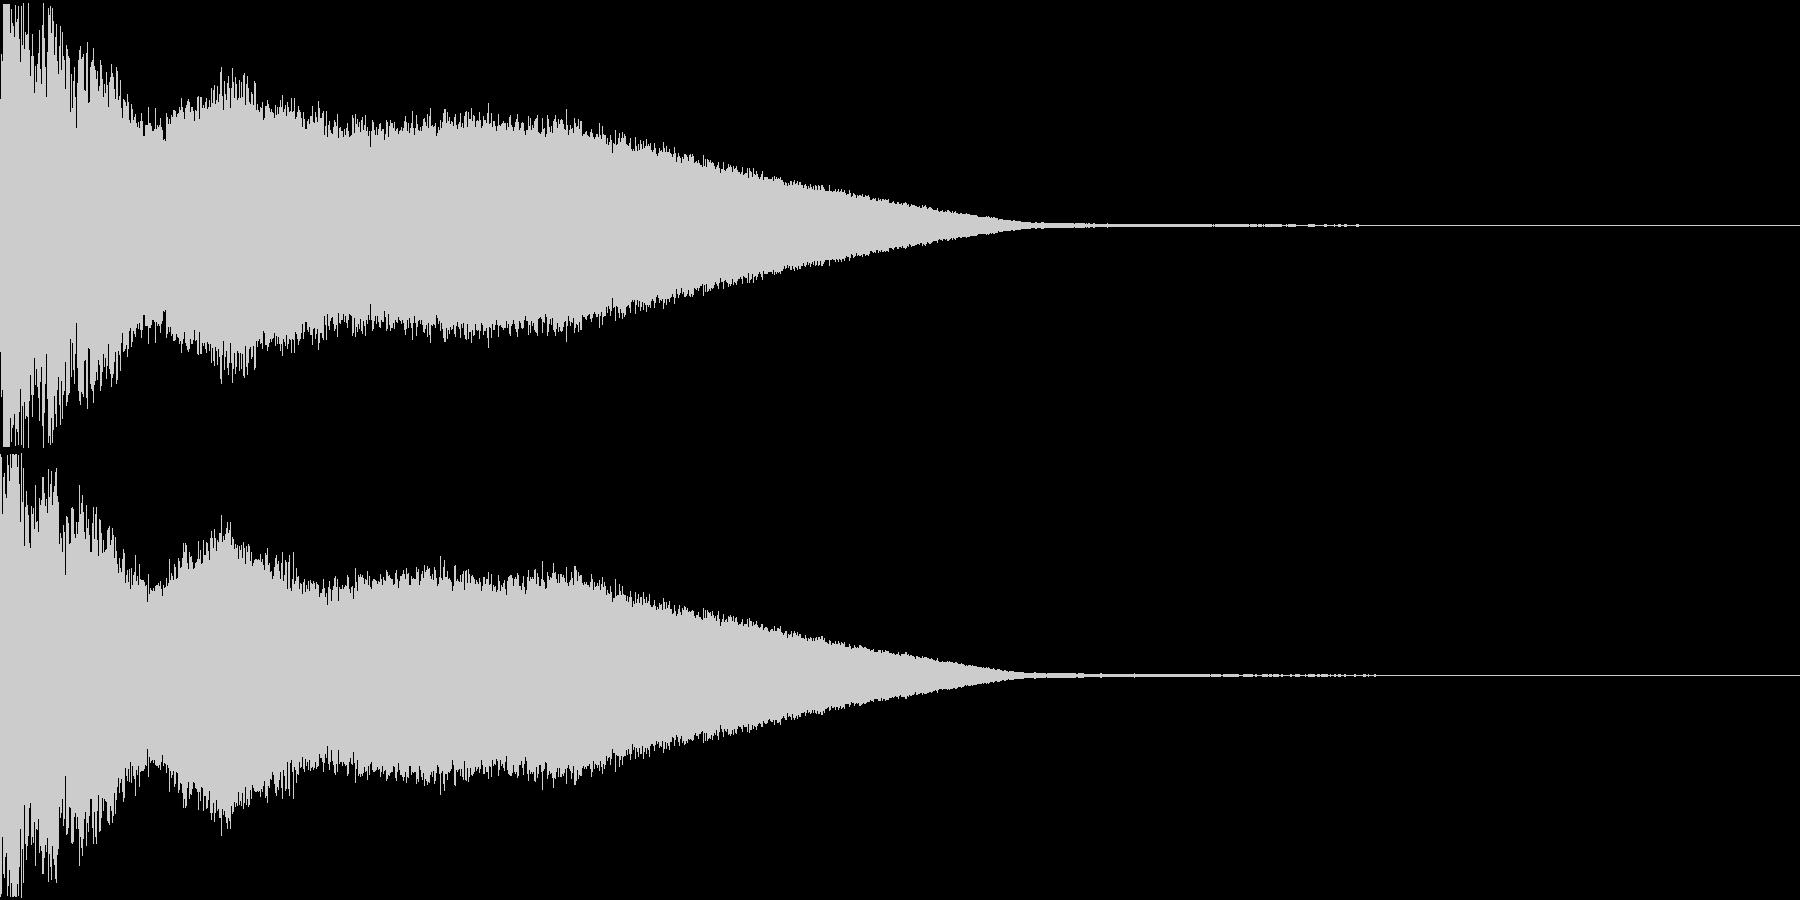 シャキーン キュイーン キラーン 02の未再生の波形